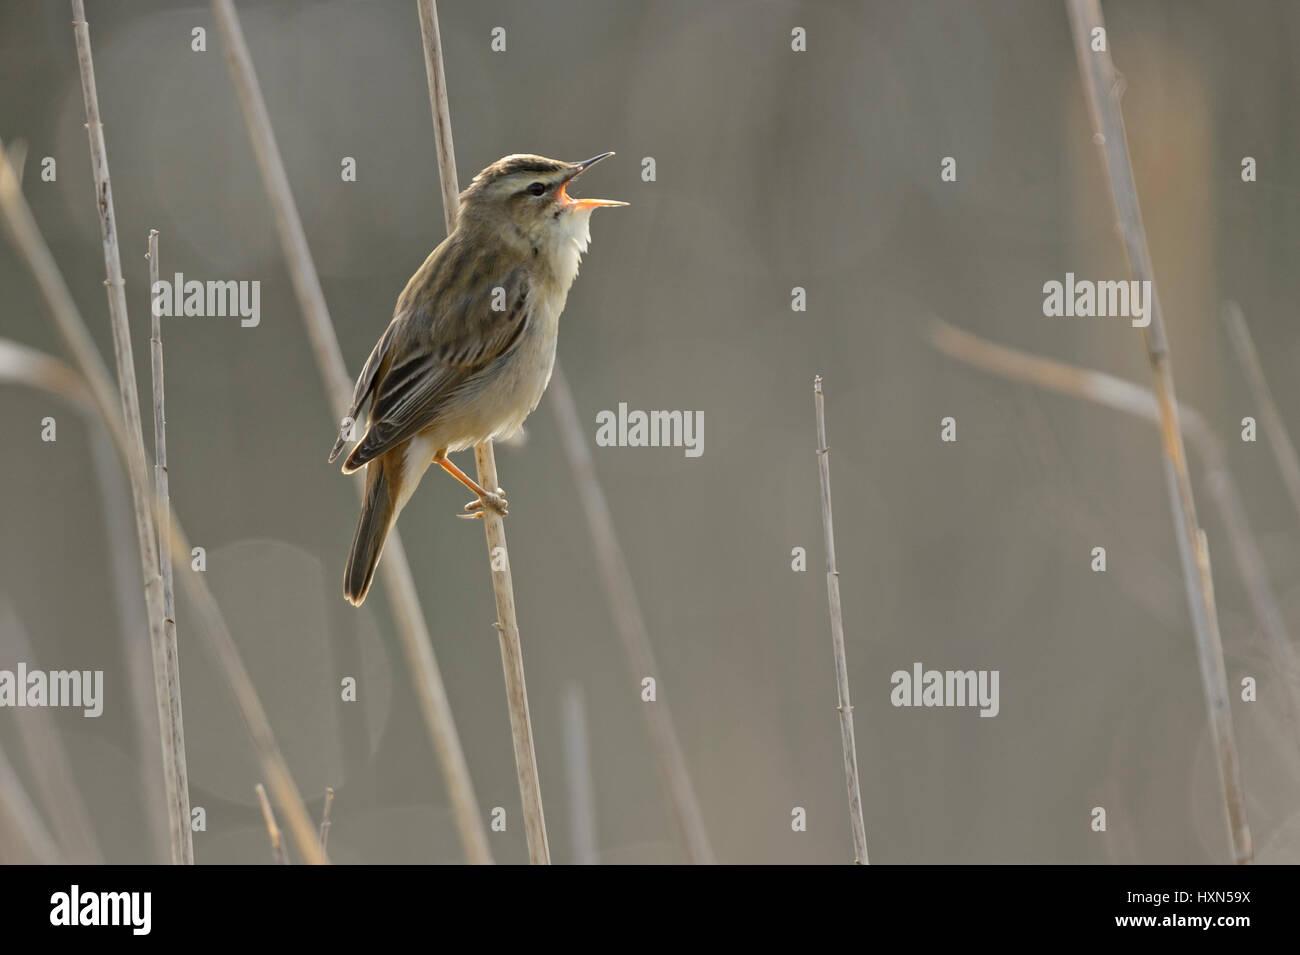 Sedge warbler (Acrocephalus schoenobaenus) singing in reedbed. Norfolk, England. May. Stock Photo